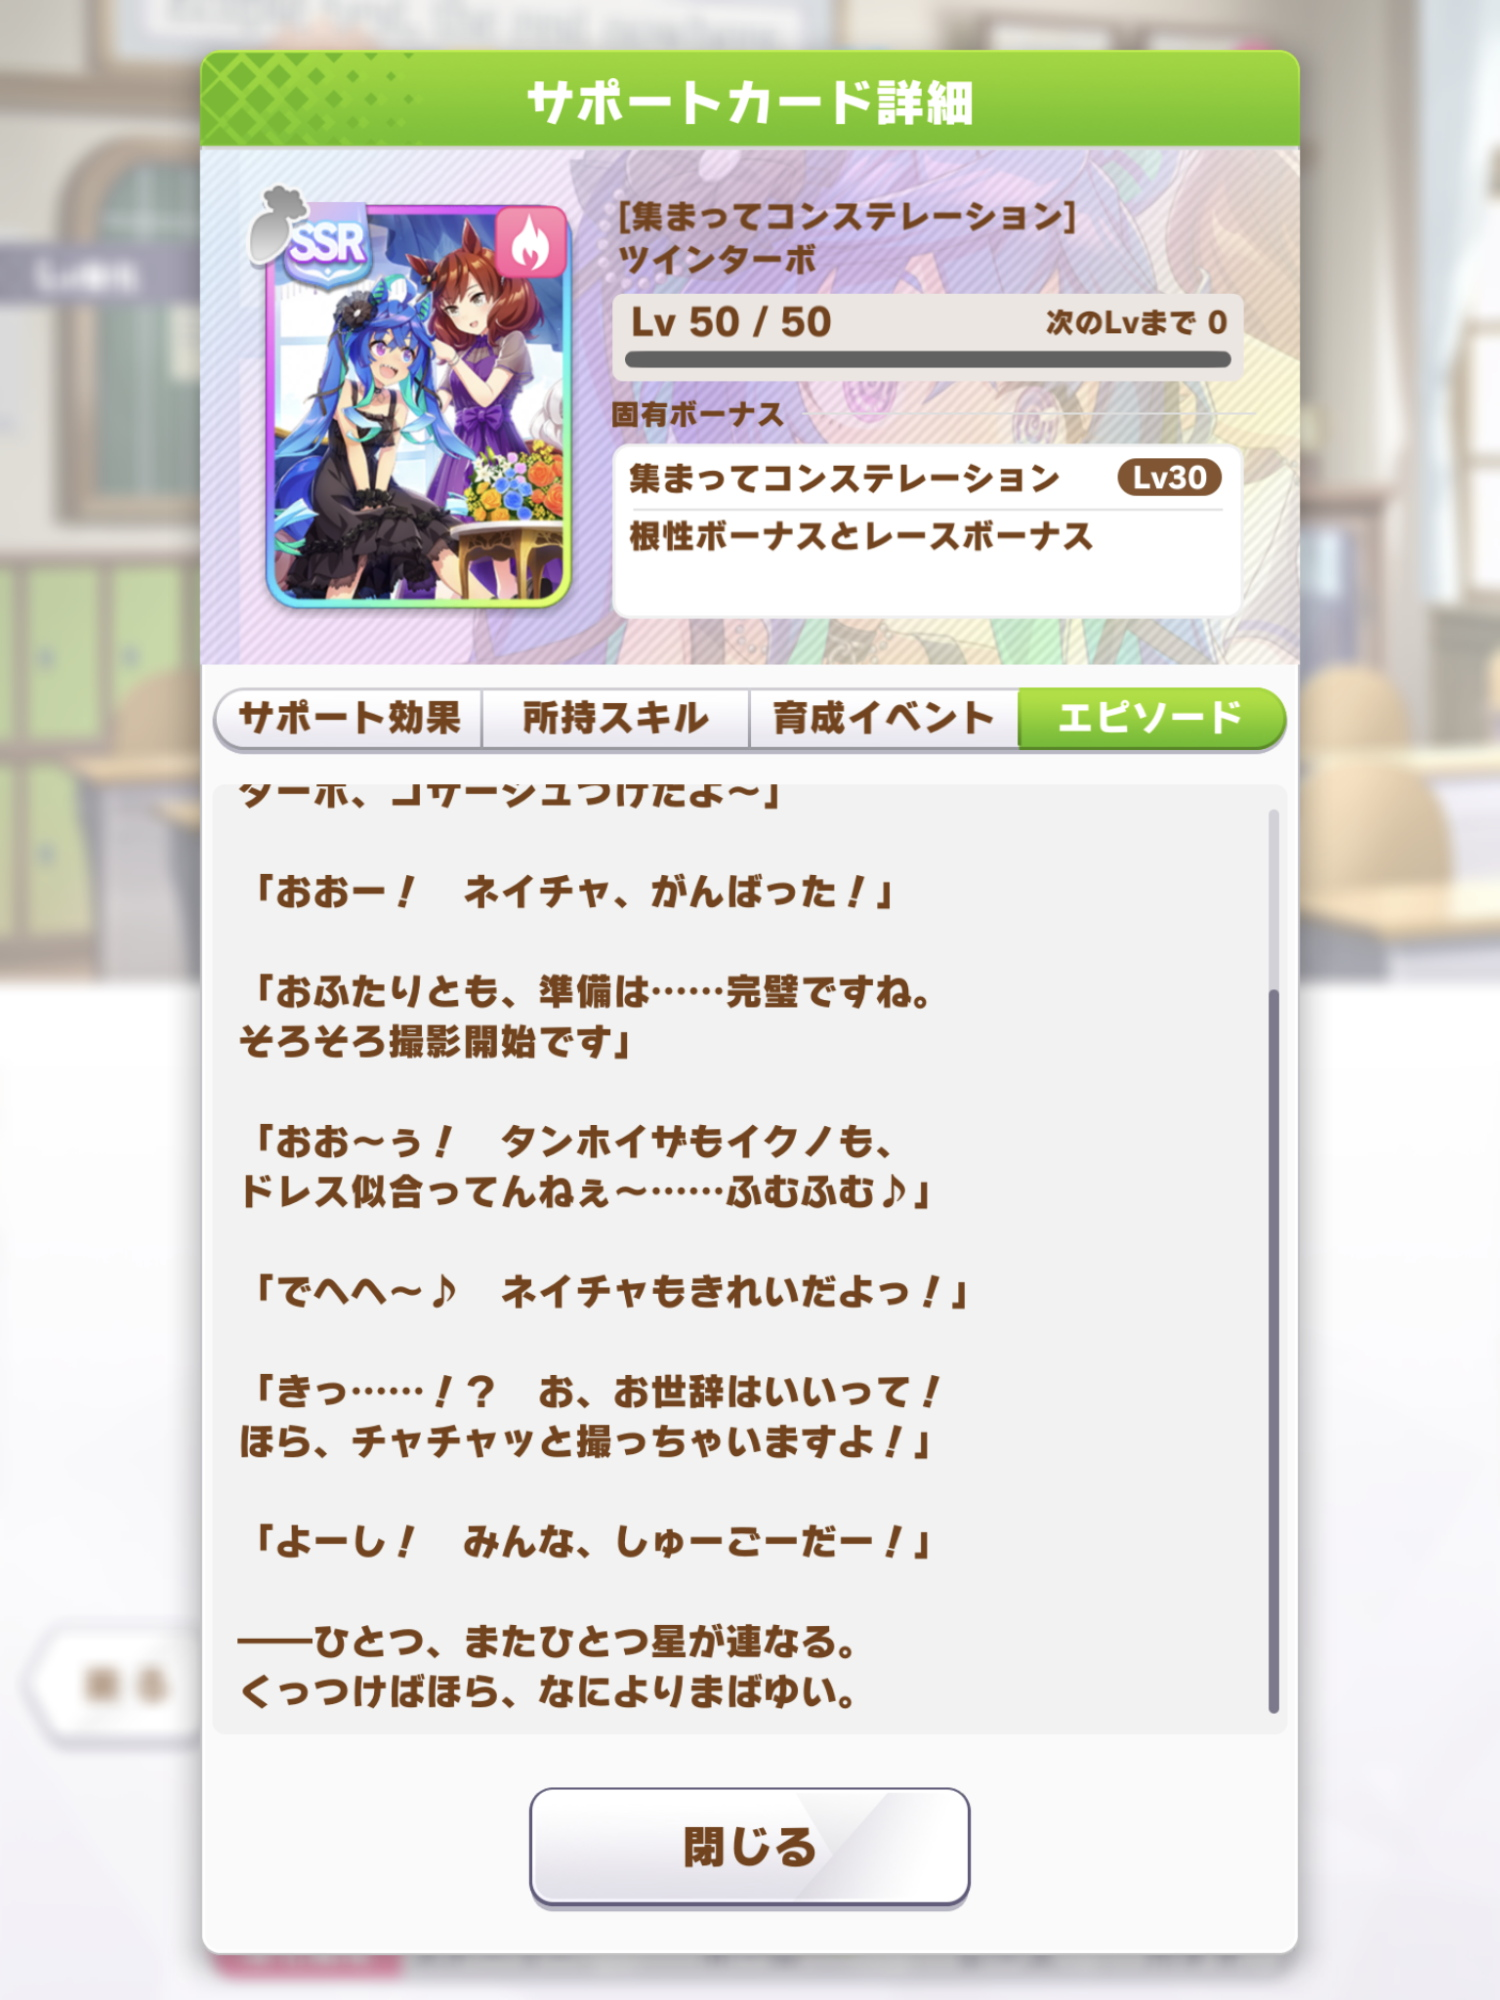 f:id:otaku4160:20210721233934j:plain